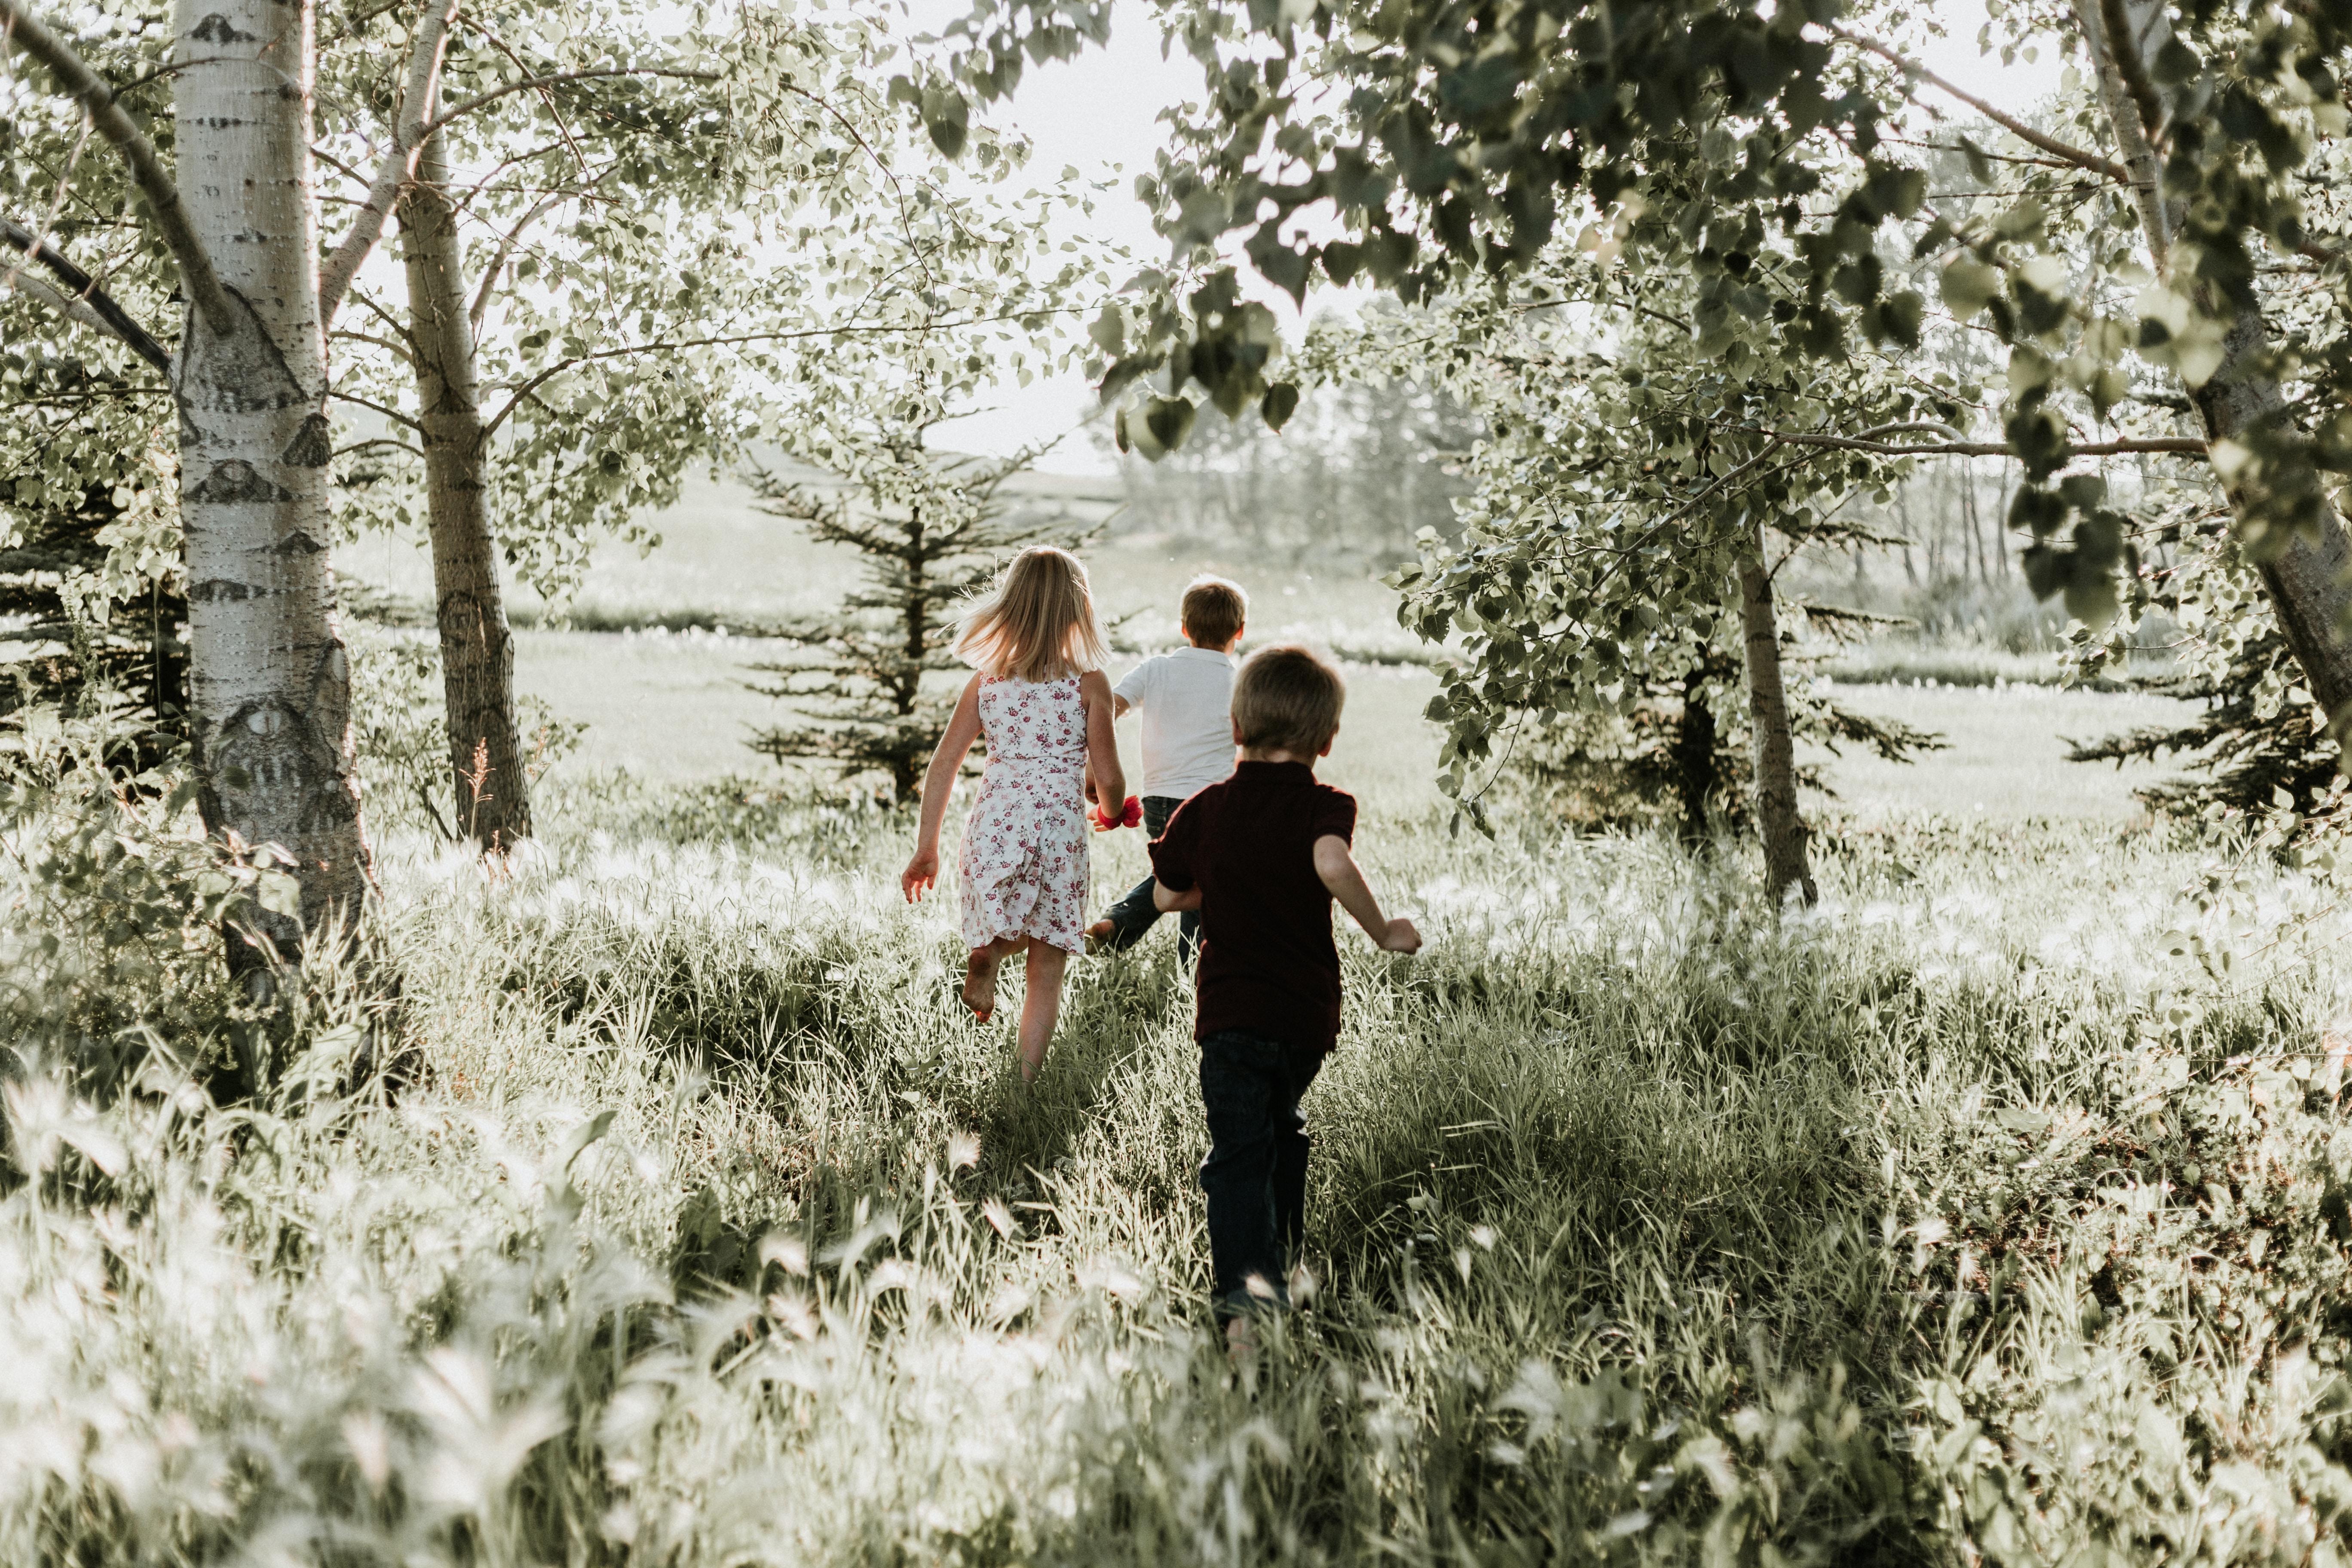 children running on grass during daytime